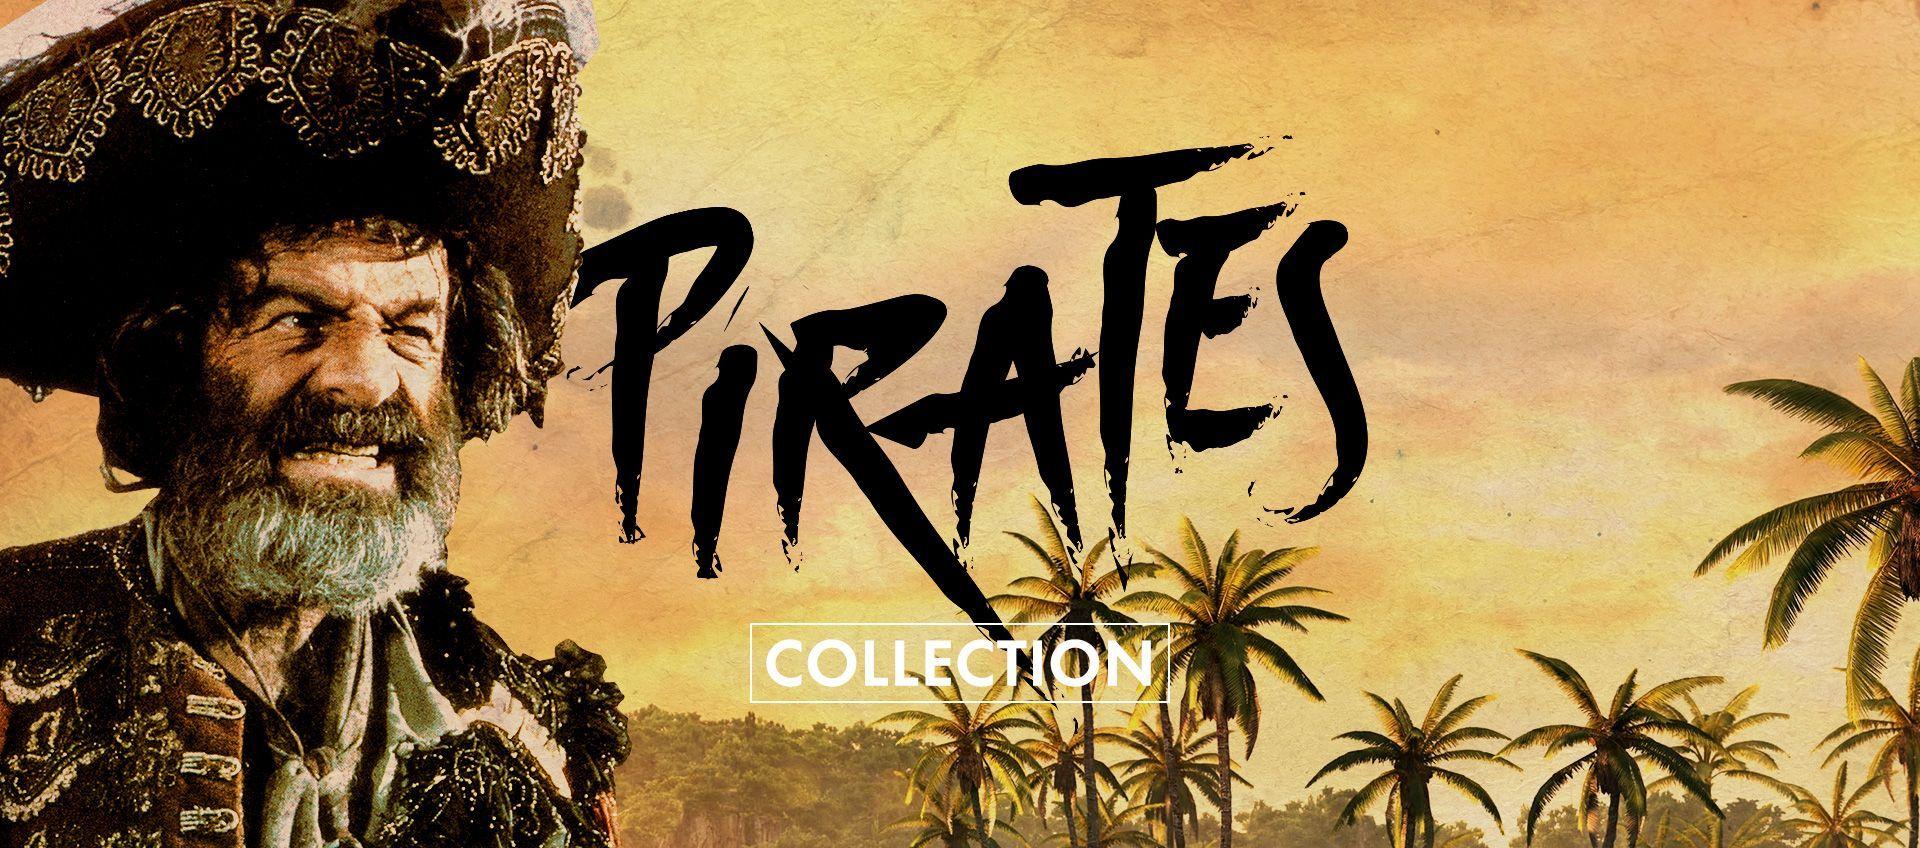 Nuit Pirates sur Famiz !